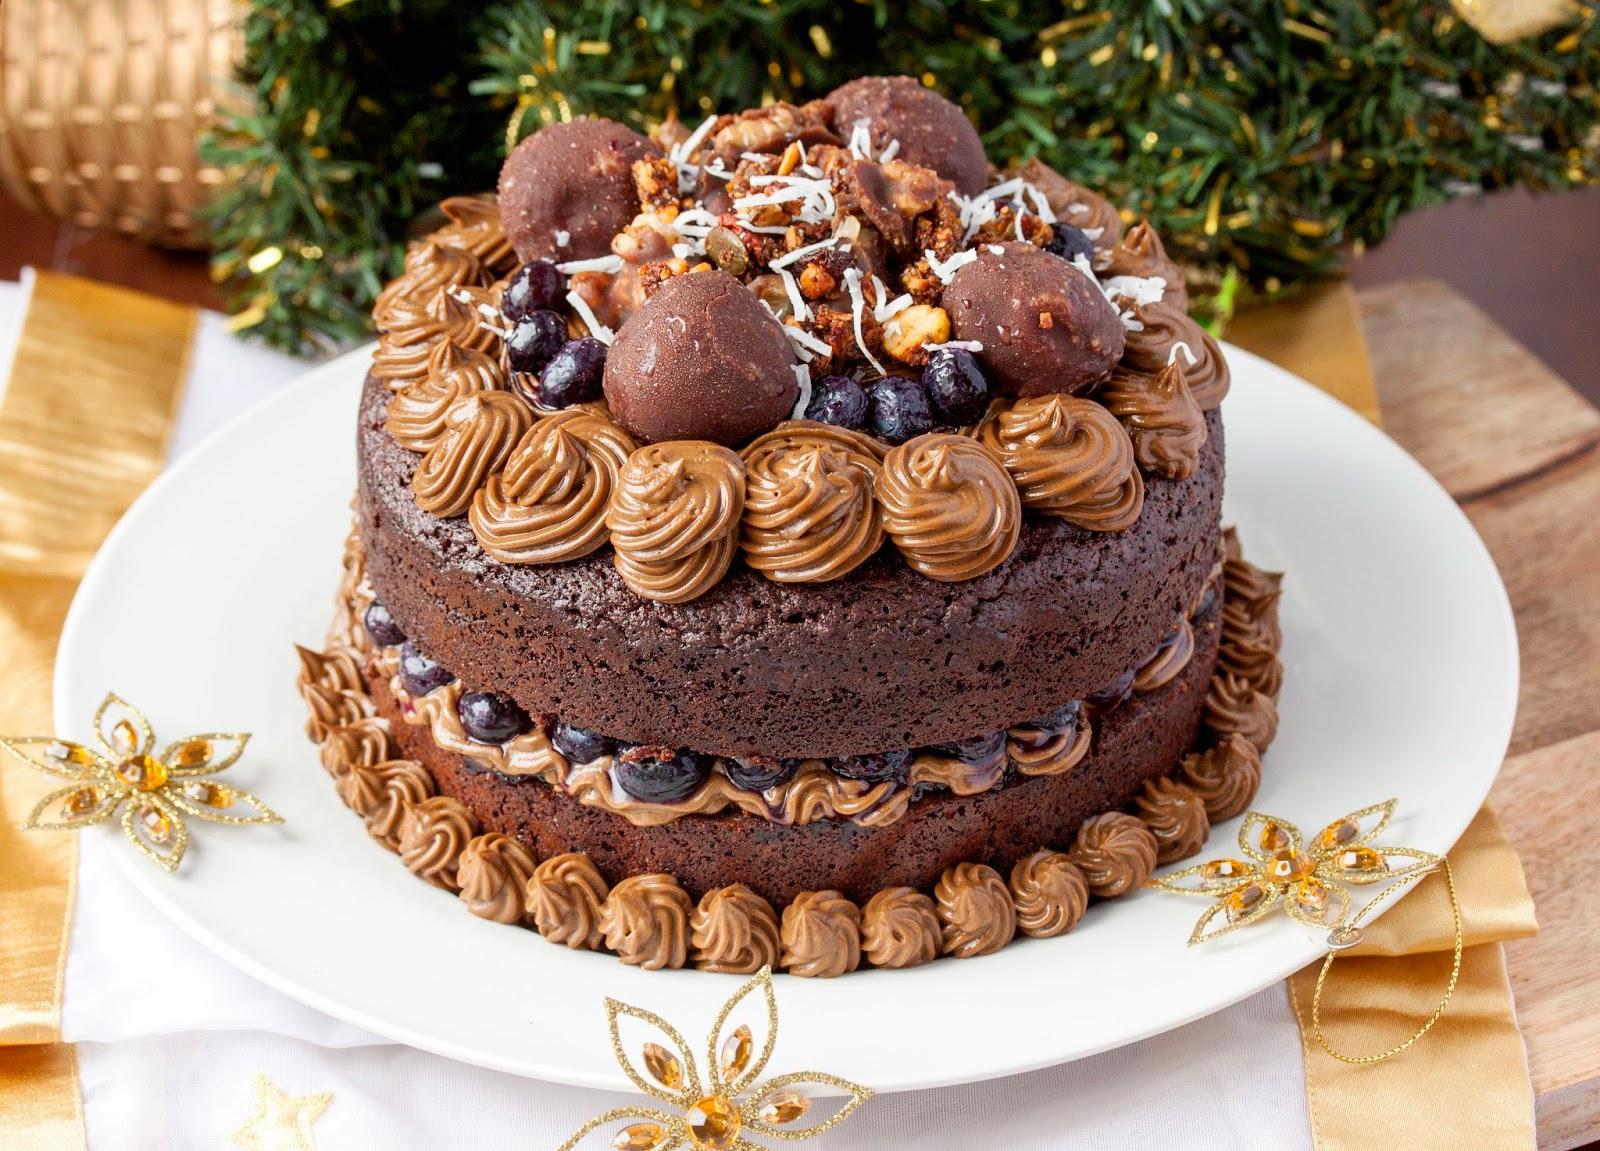 Chocolate Brownie Layered Birthday Cake Another Epic Paleo Cake